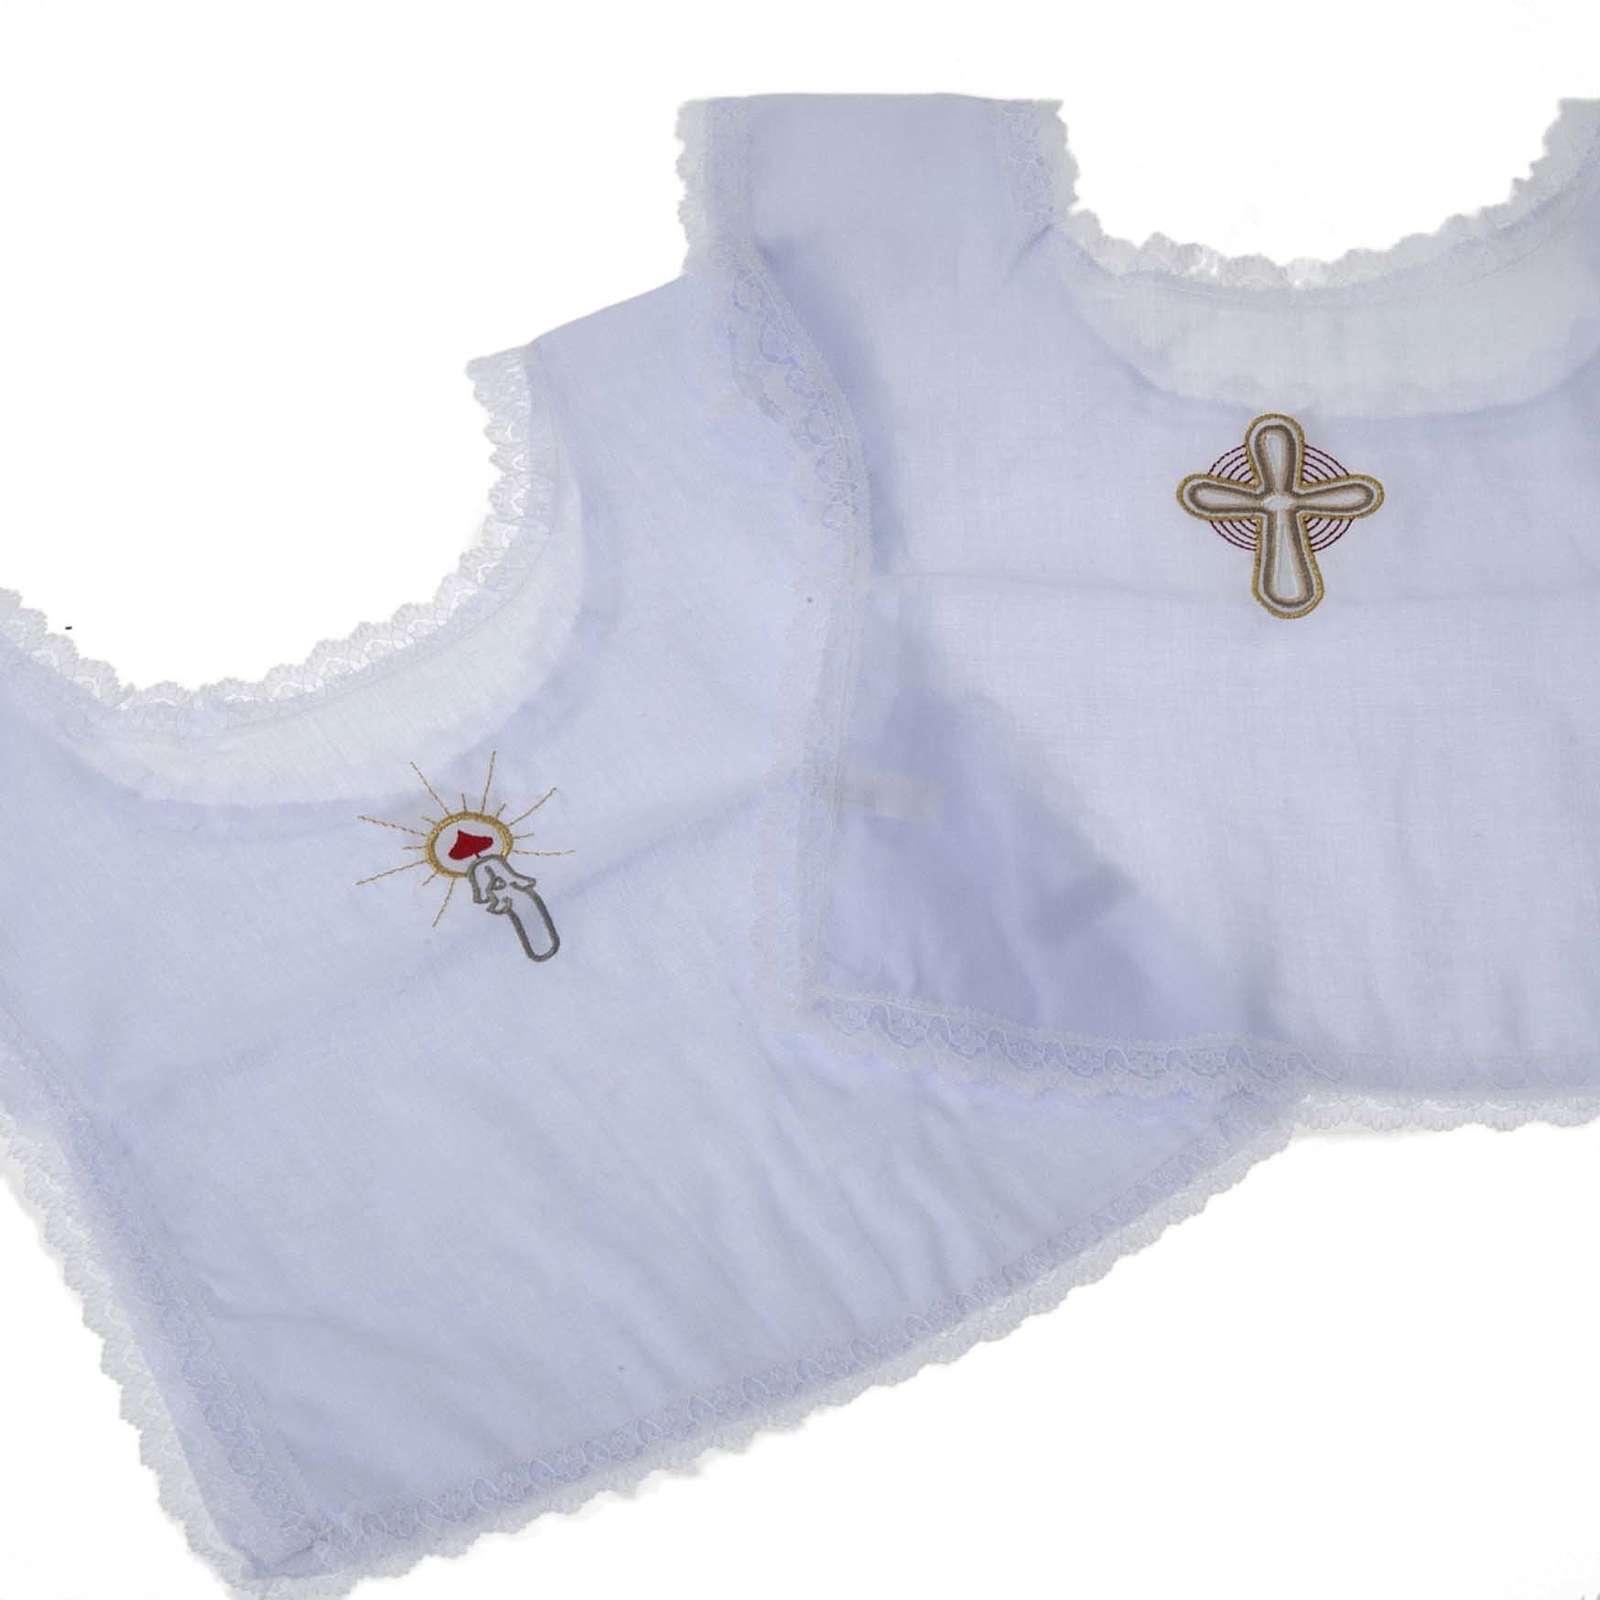 Chemise baptême, offre spéciale 4